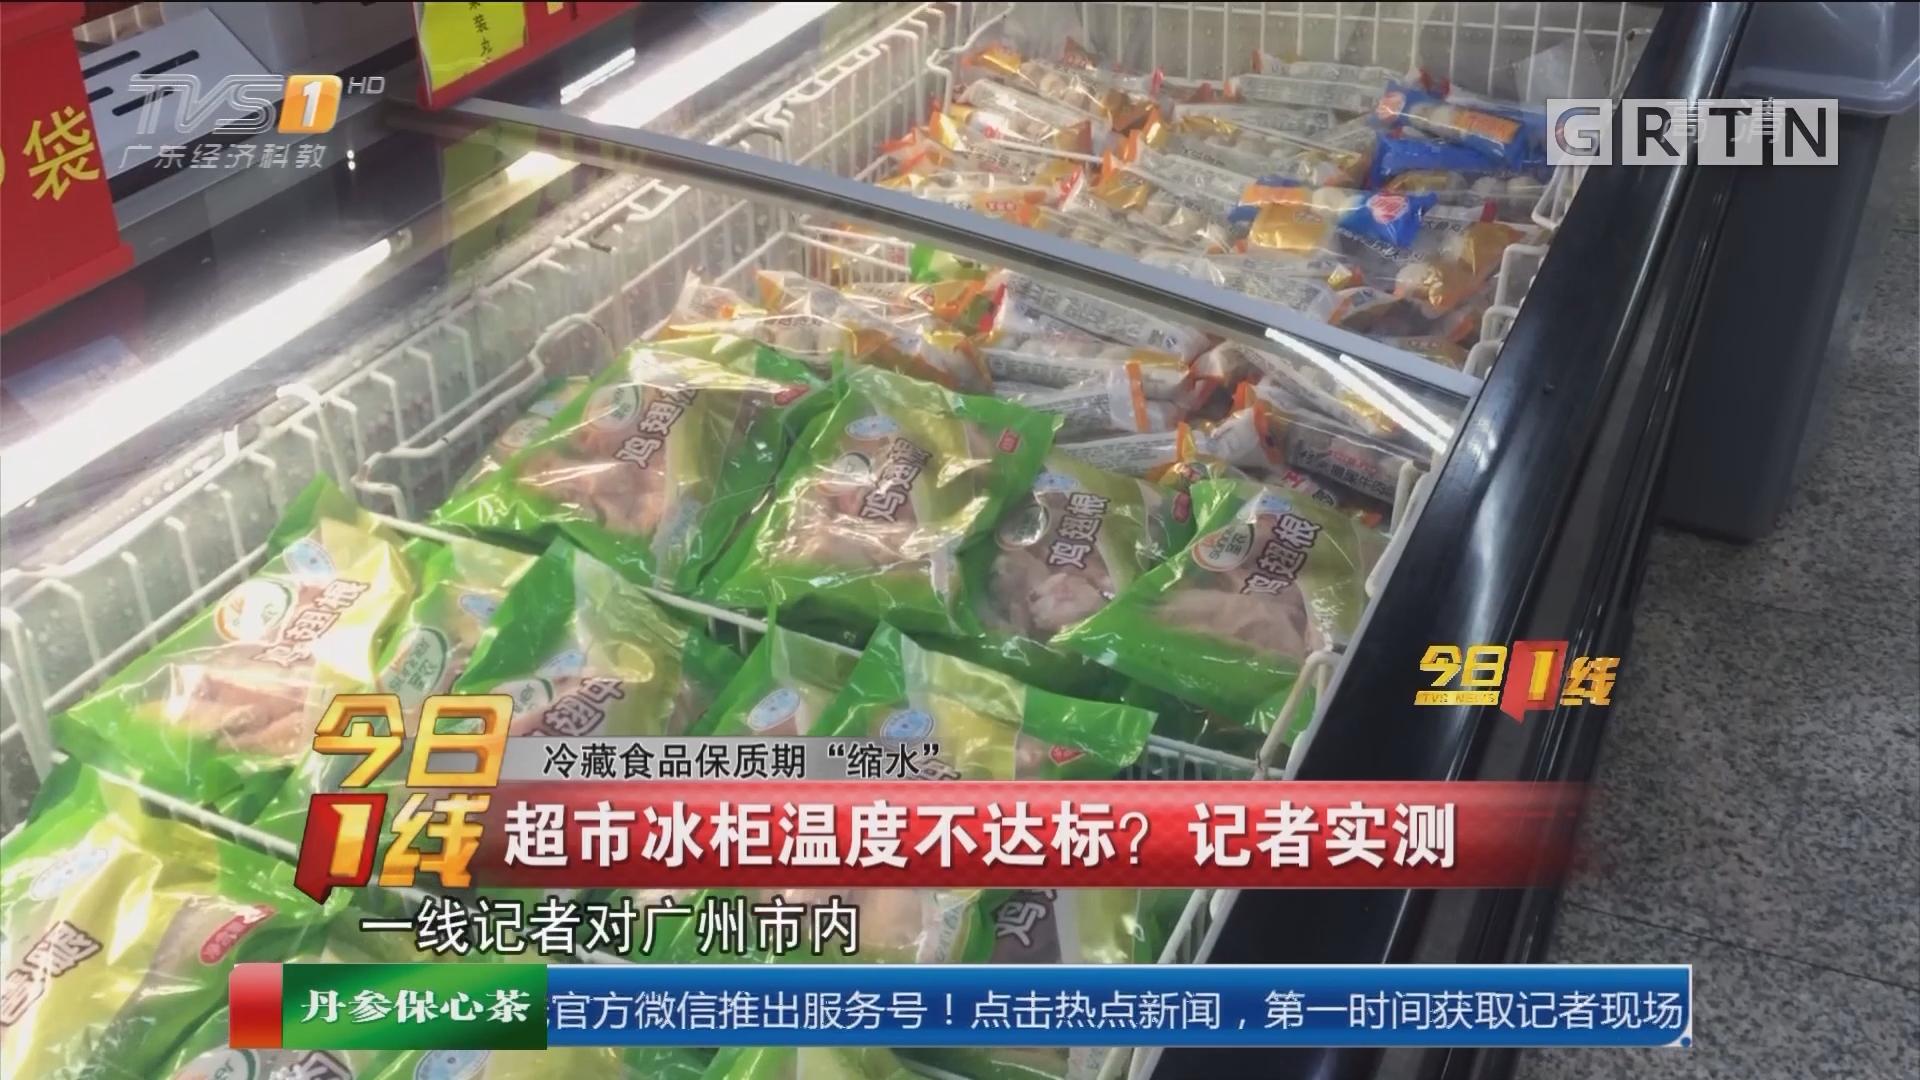 """冷藏食品保质期""""缩水"""":超市冰柜温度不达标?记者实测"""